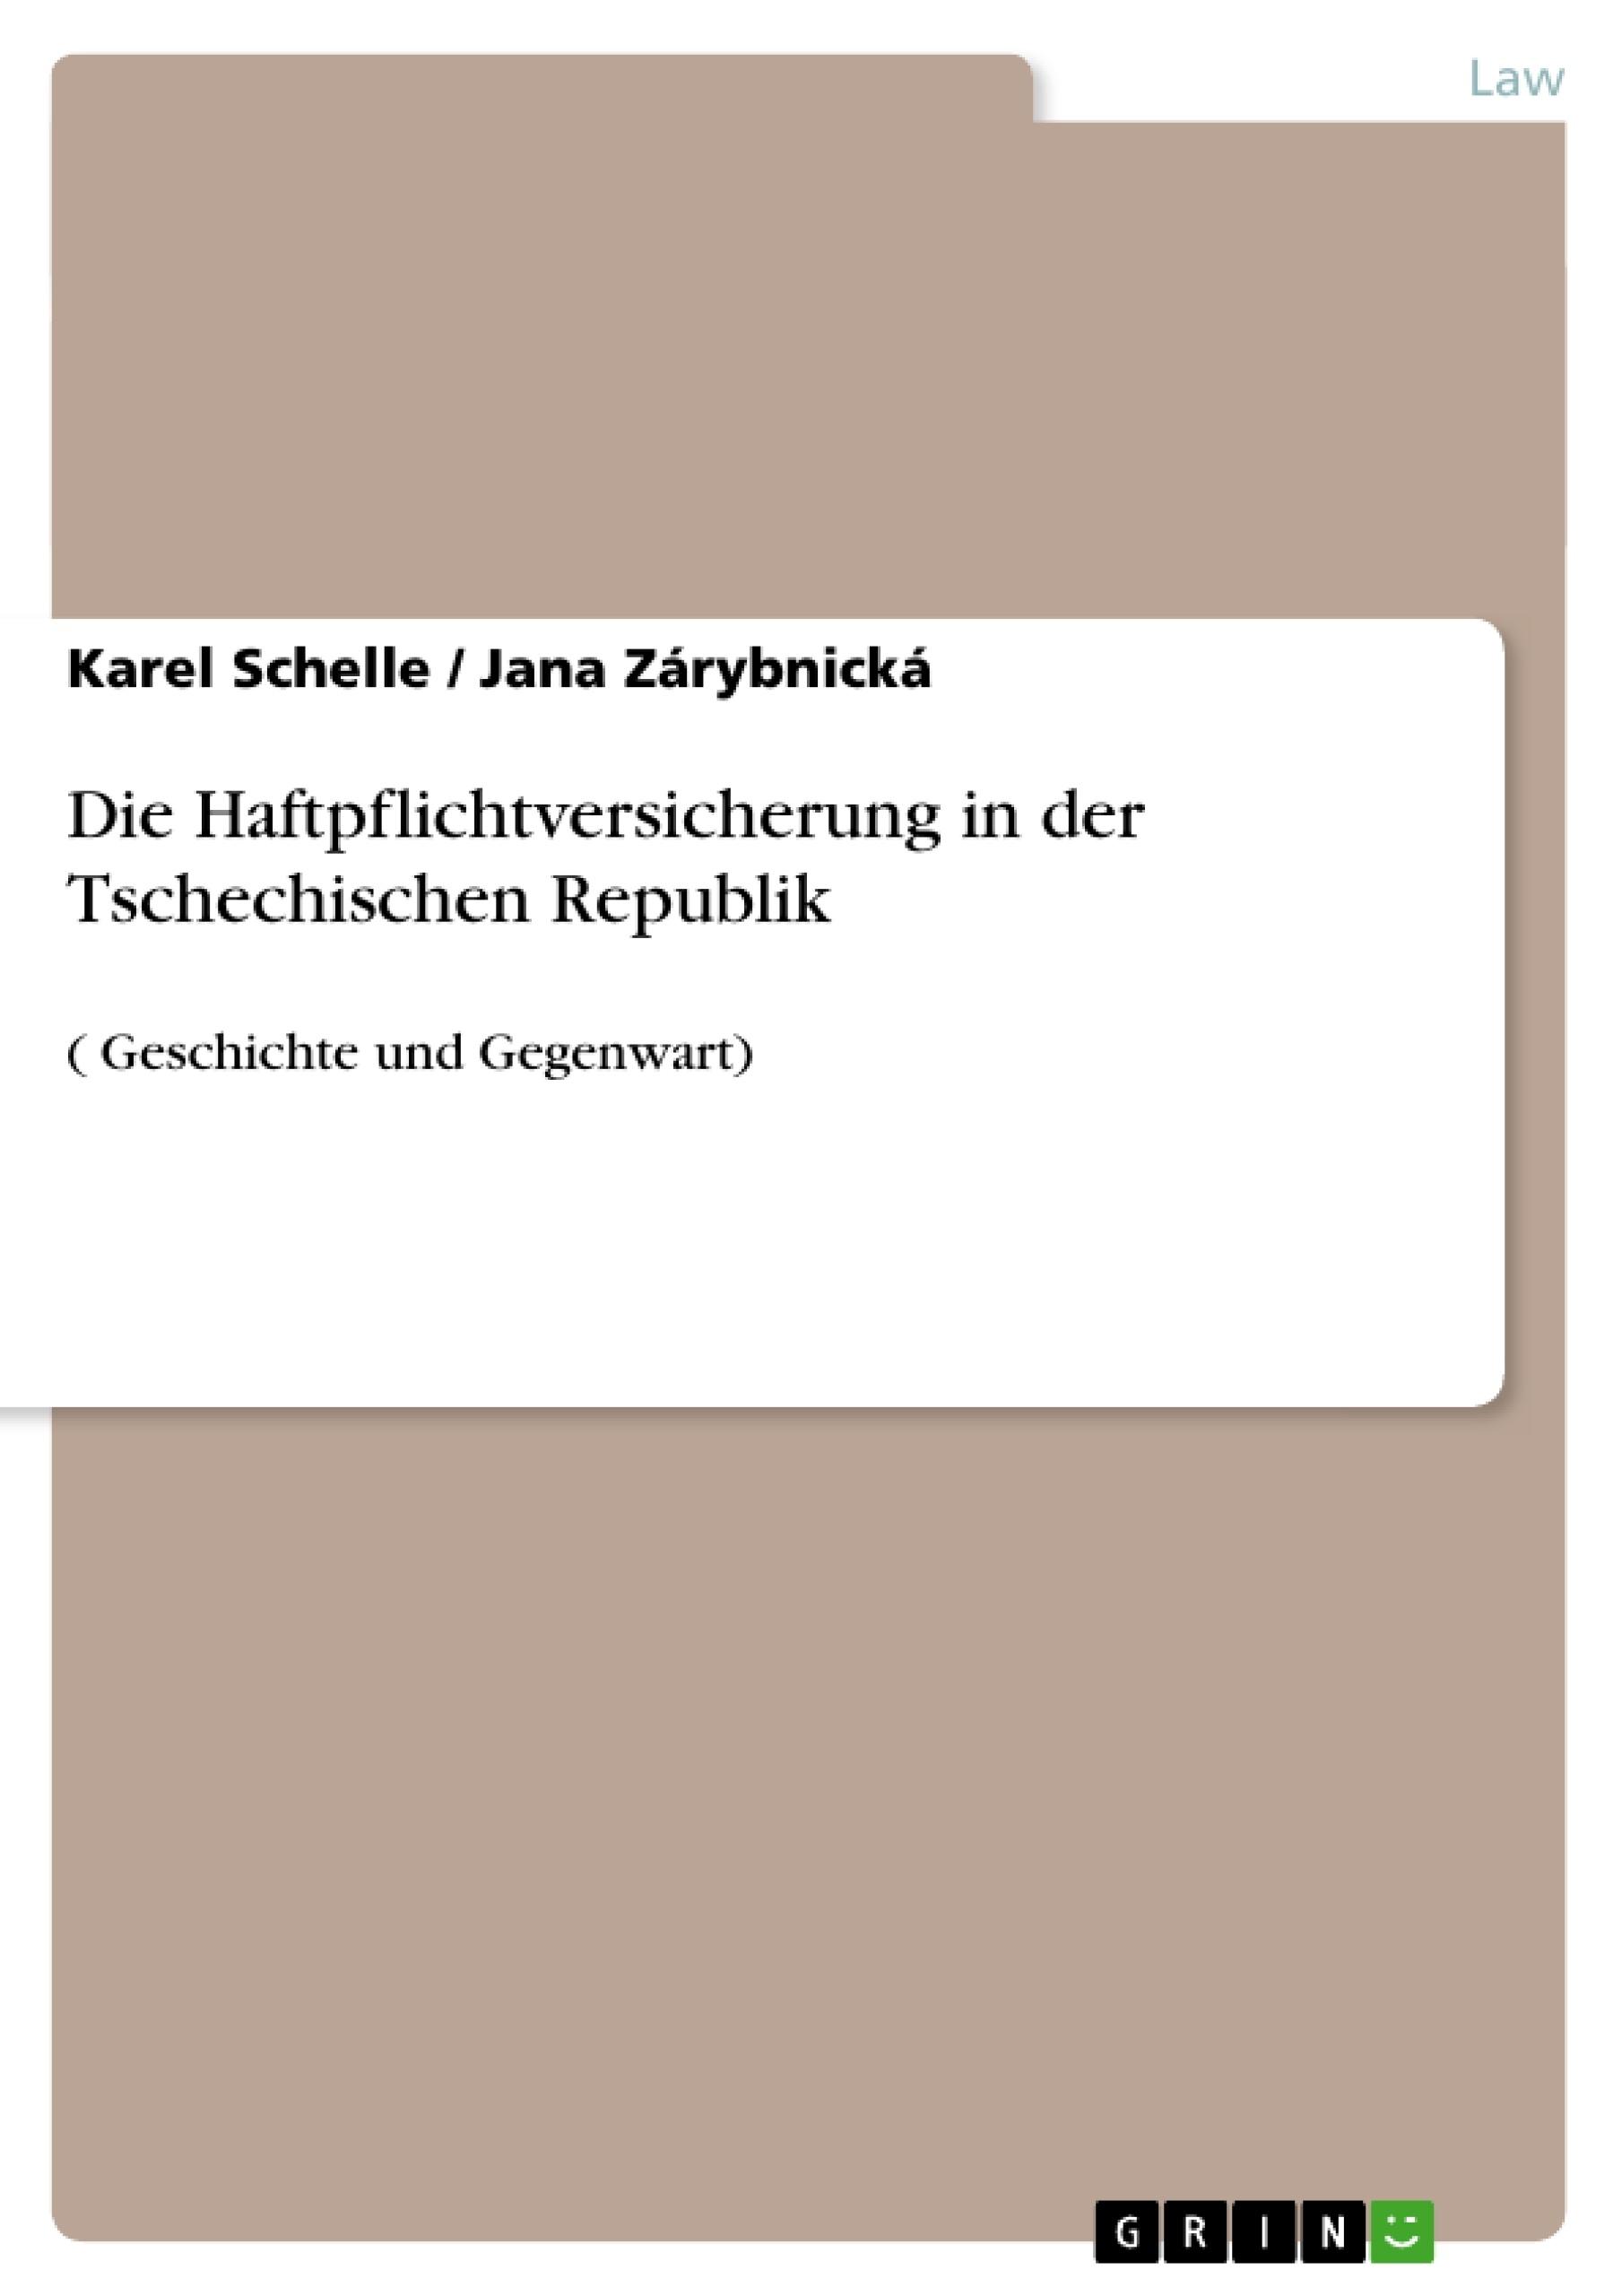 Title: Die Haftpflichtversicherung in der Tschechischen Republik